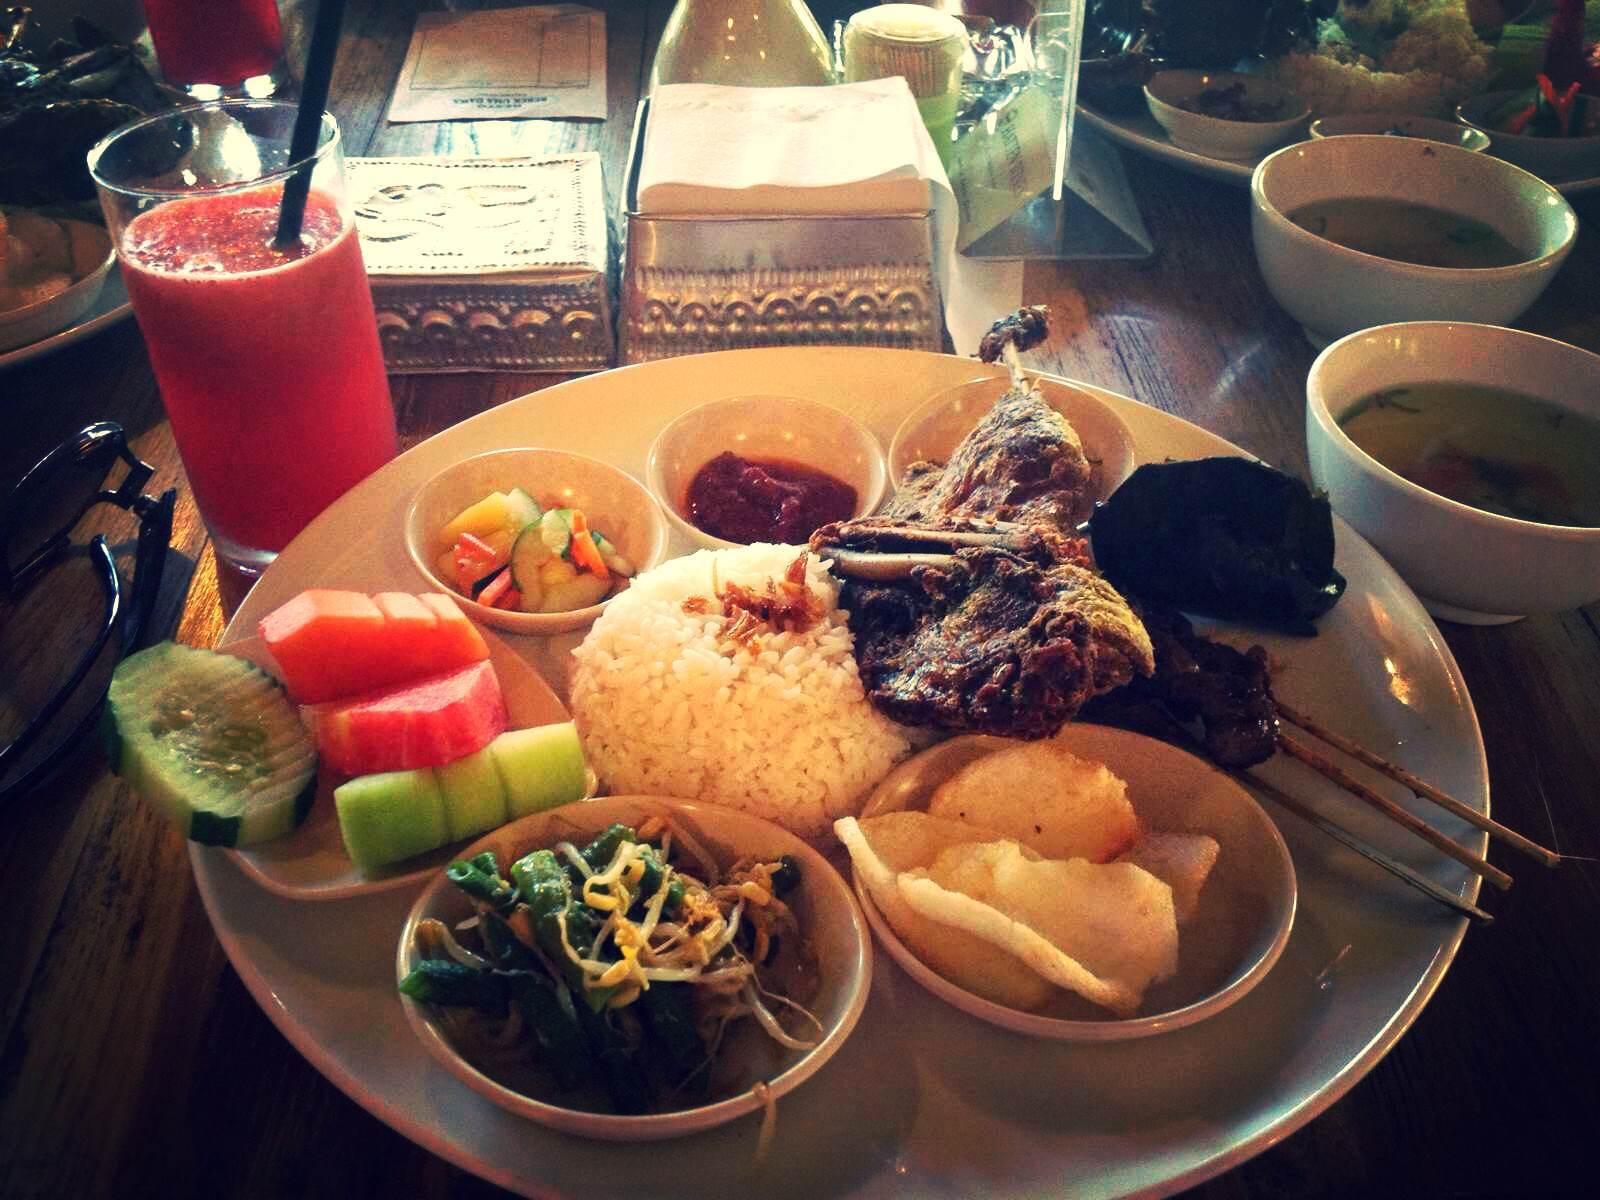 海神庙 巴厘岛的特色脏鸭餐,既不像宣传说的那么好,也不似网上吐槽的